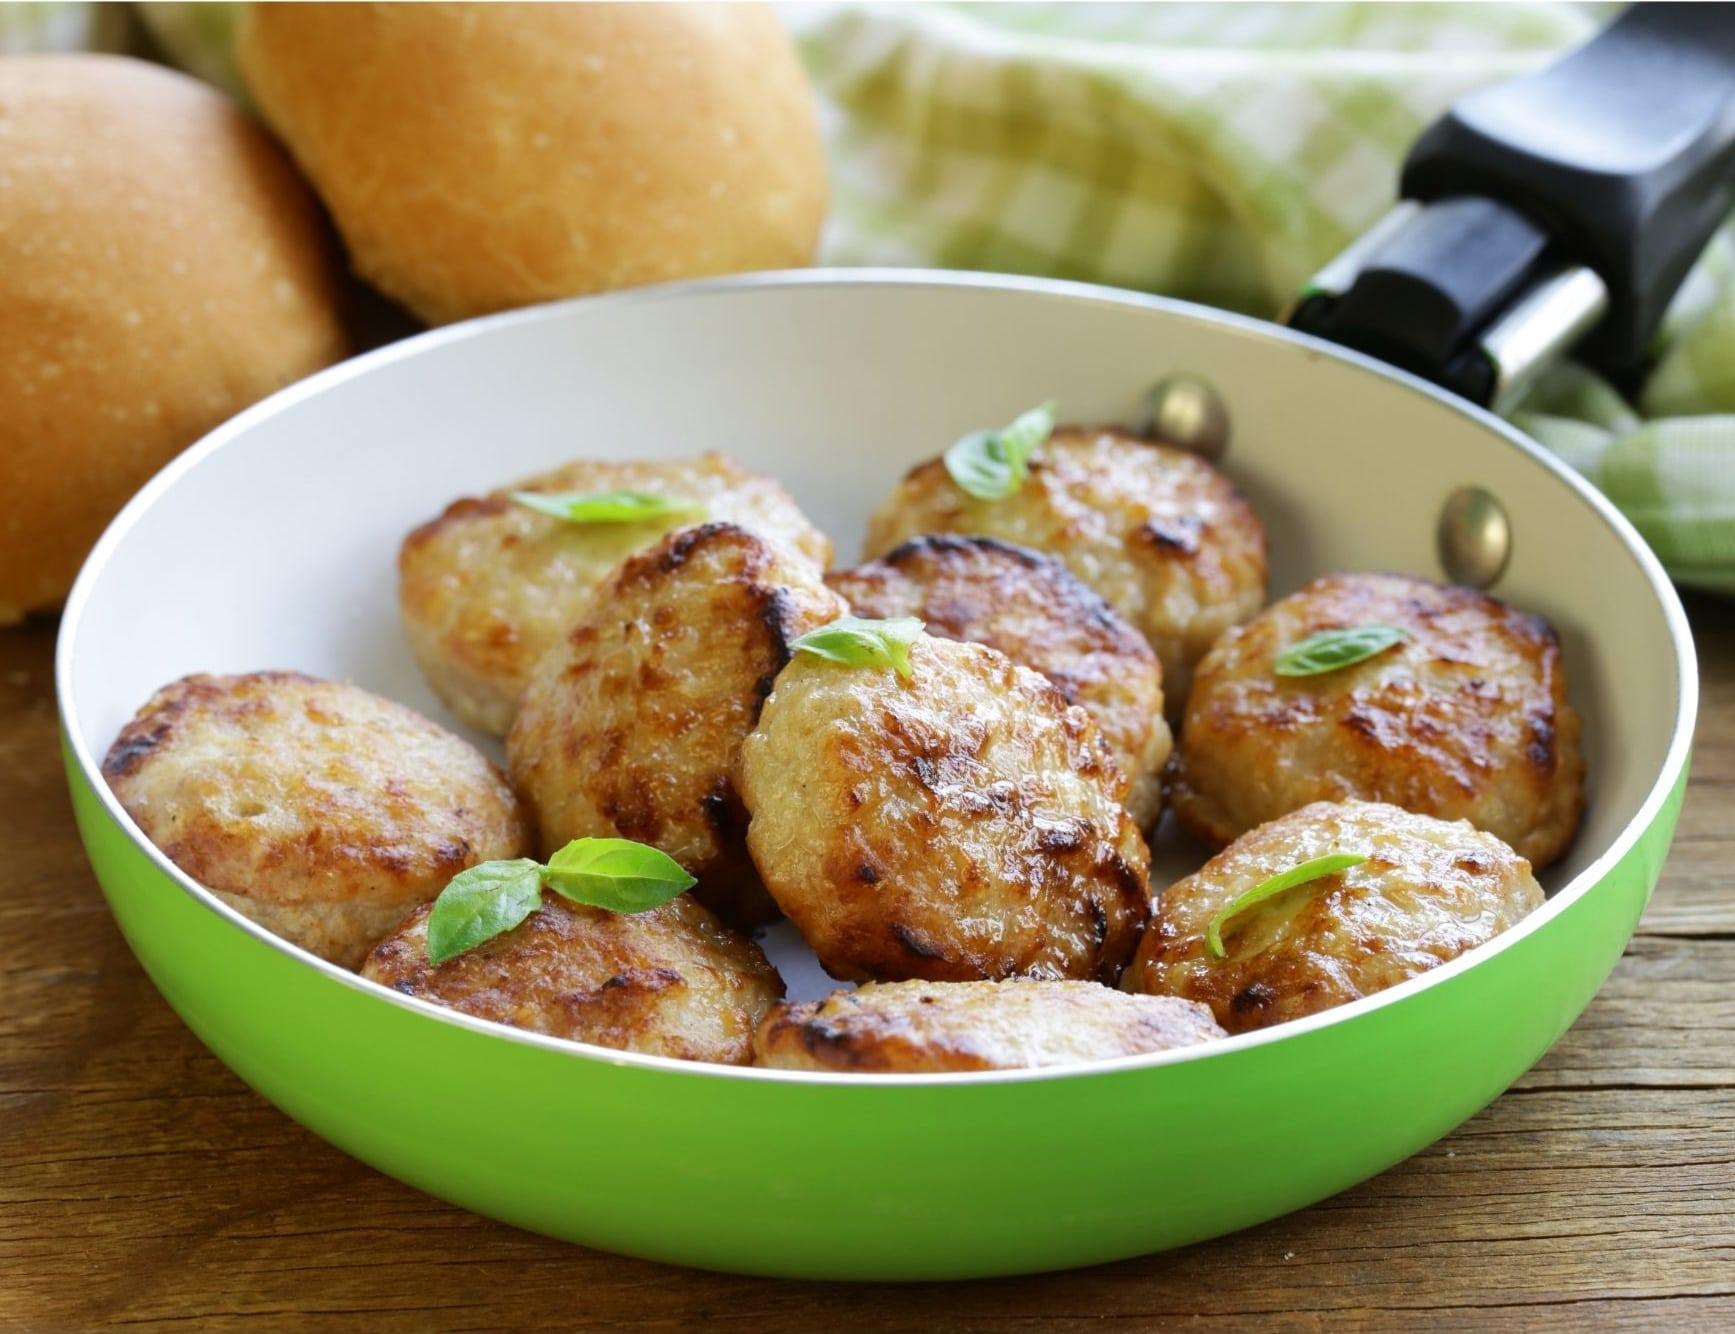 turkey meatballs in a green skillet